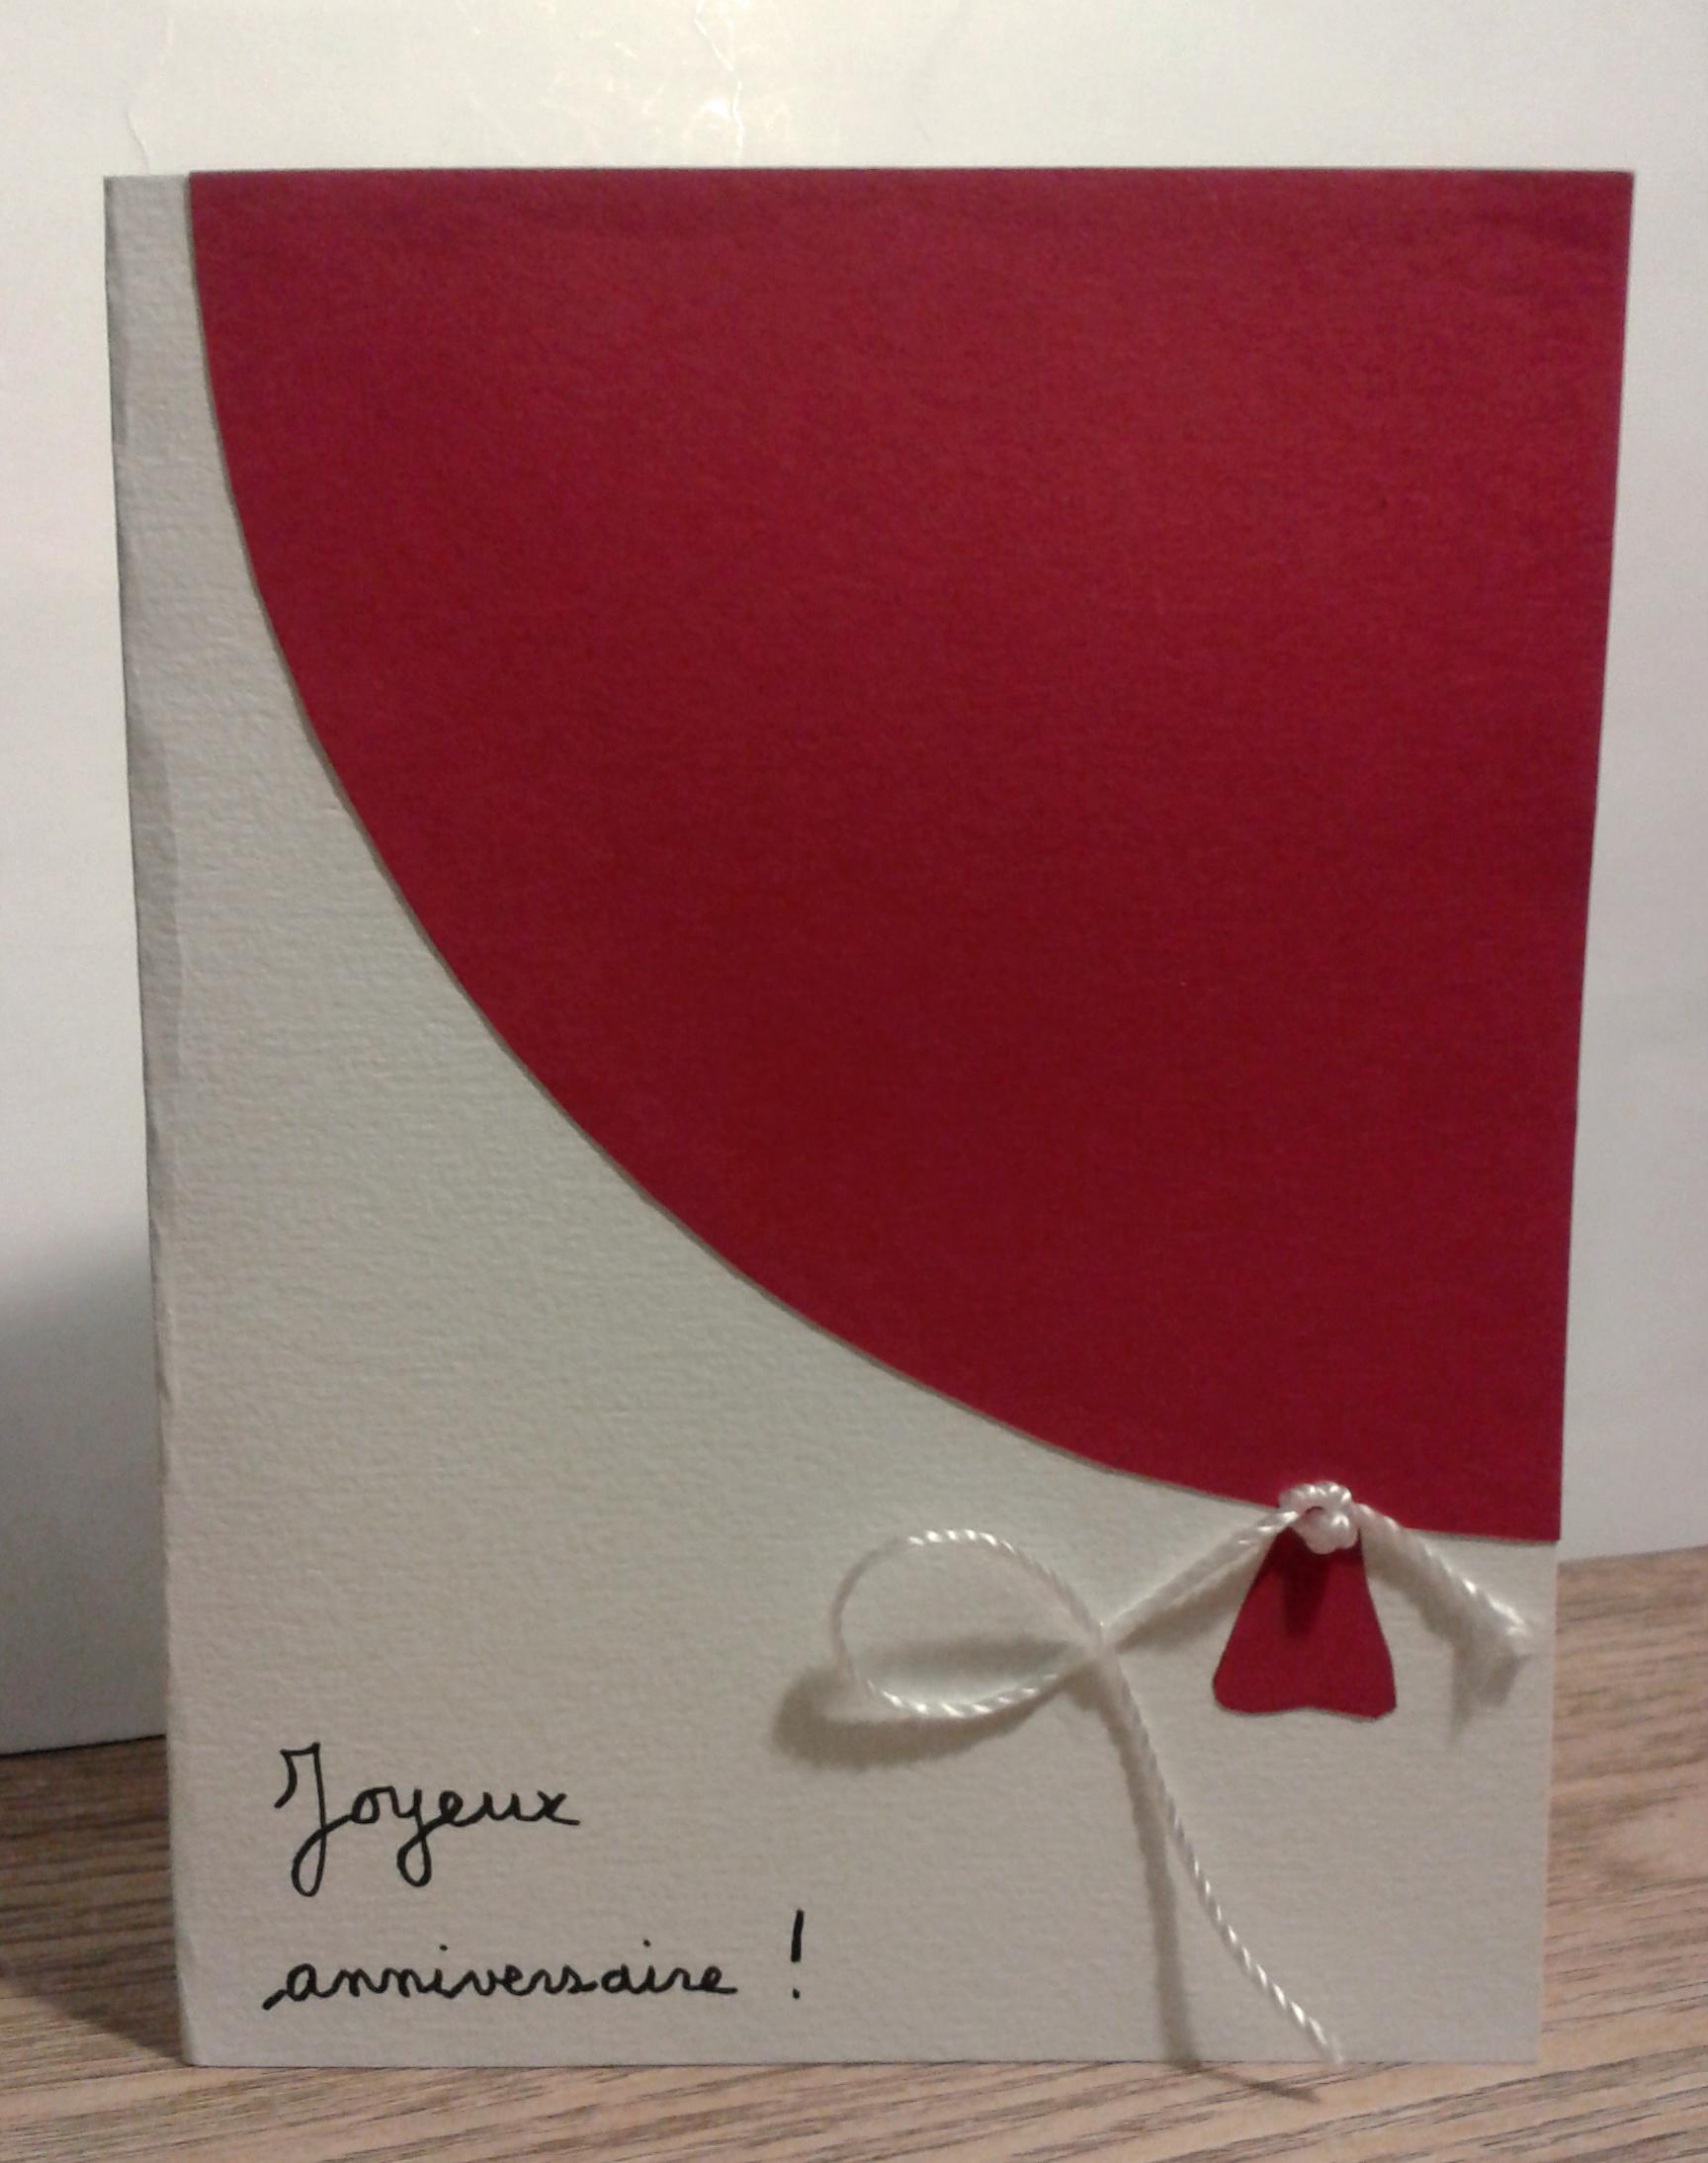 Très Créer ses propres cartes d'anniversaire - Emballage cadeau QV59